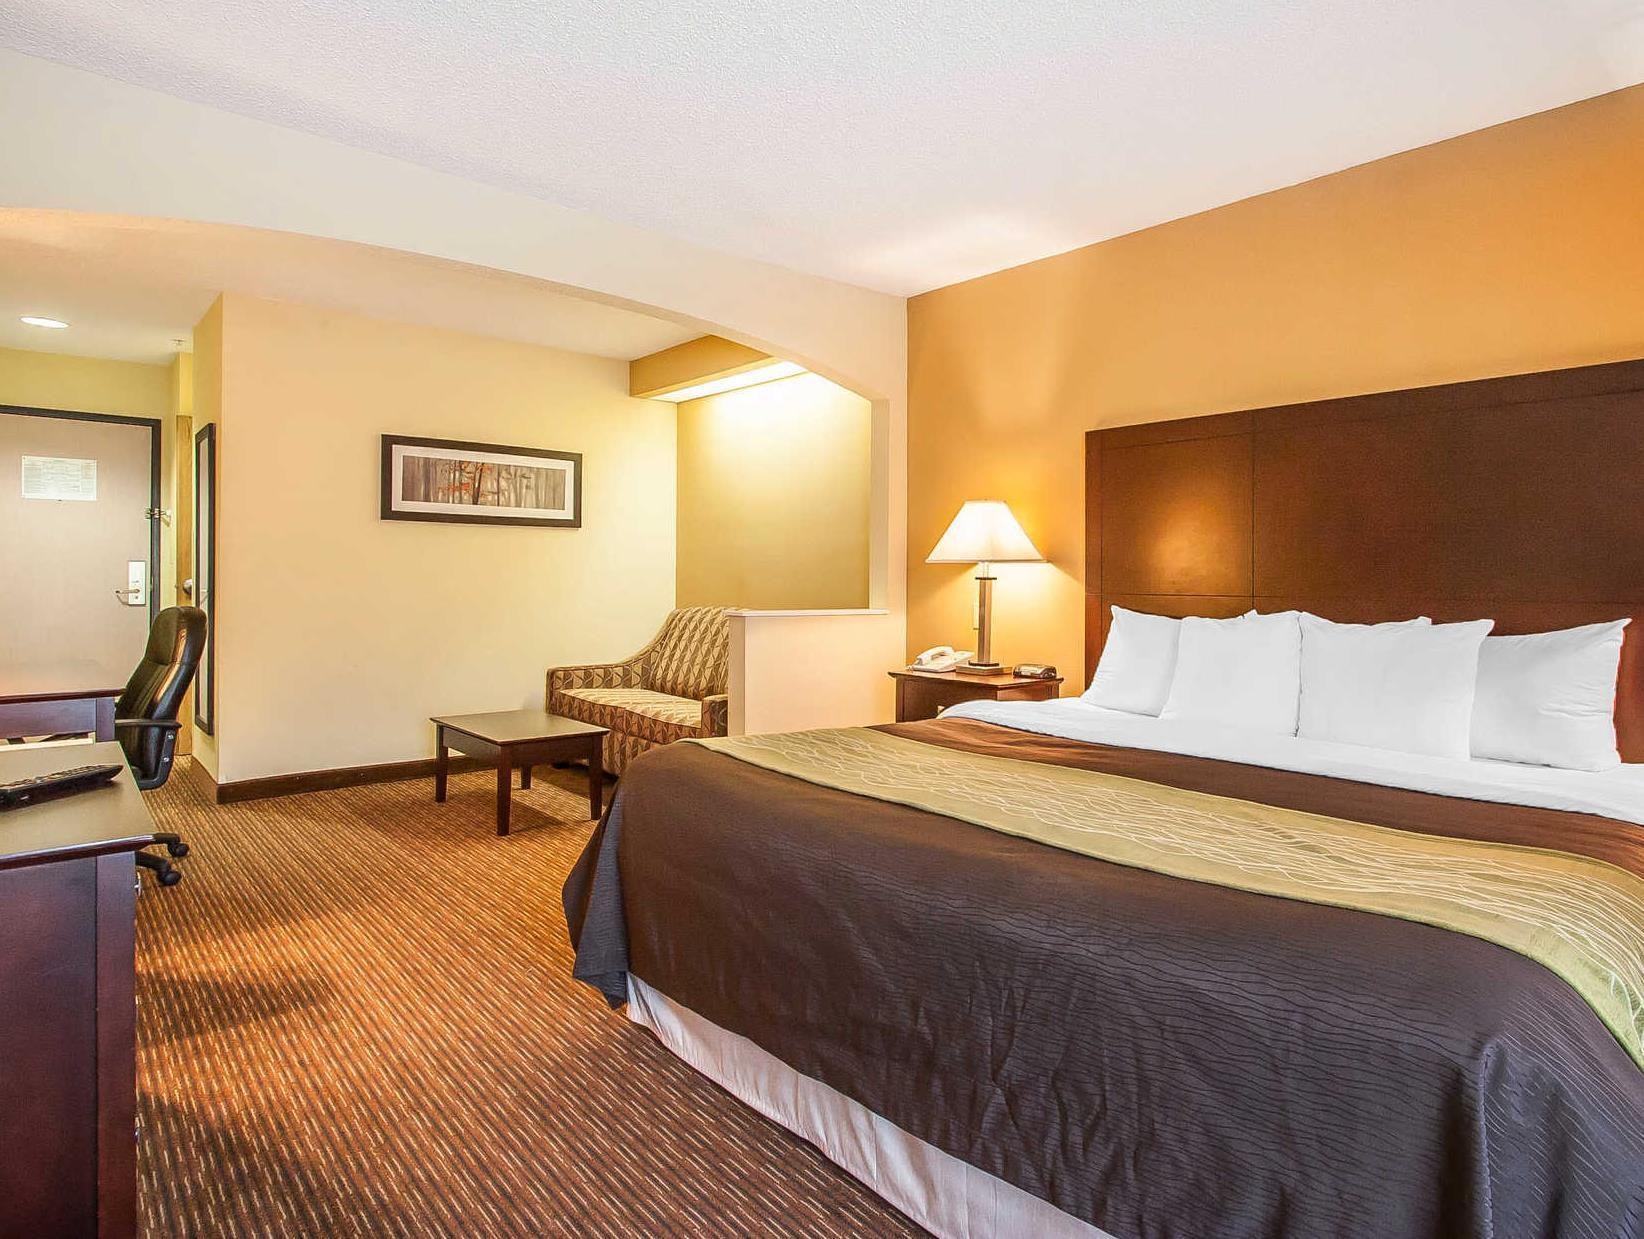 Comfort Inn & Suites Reviews